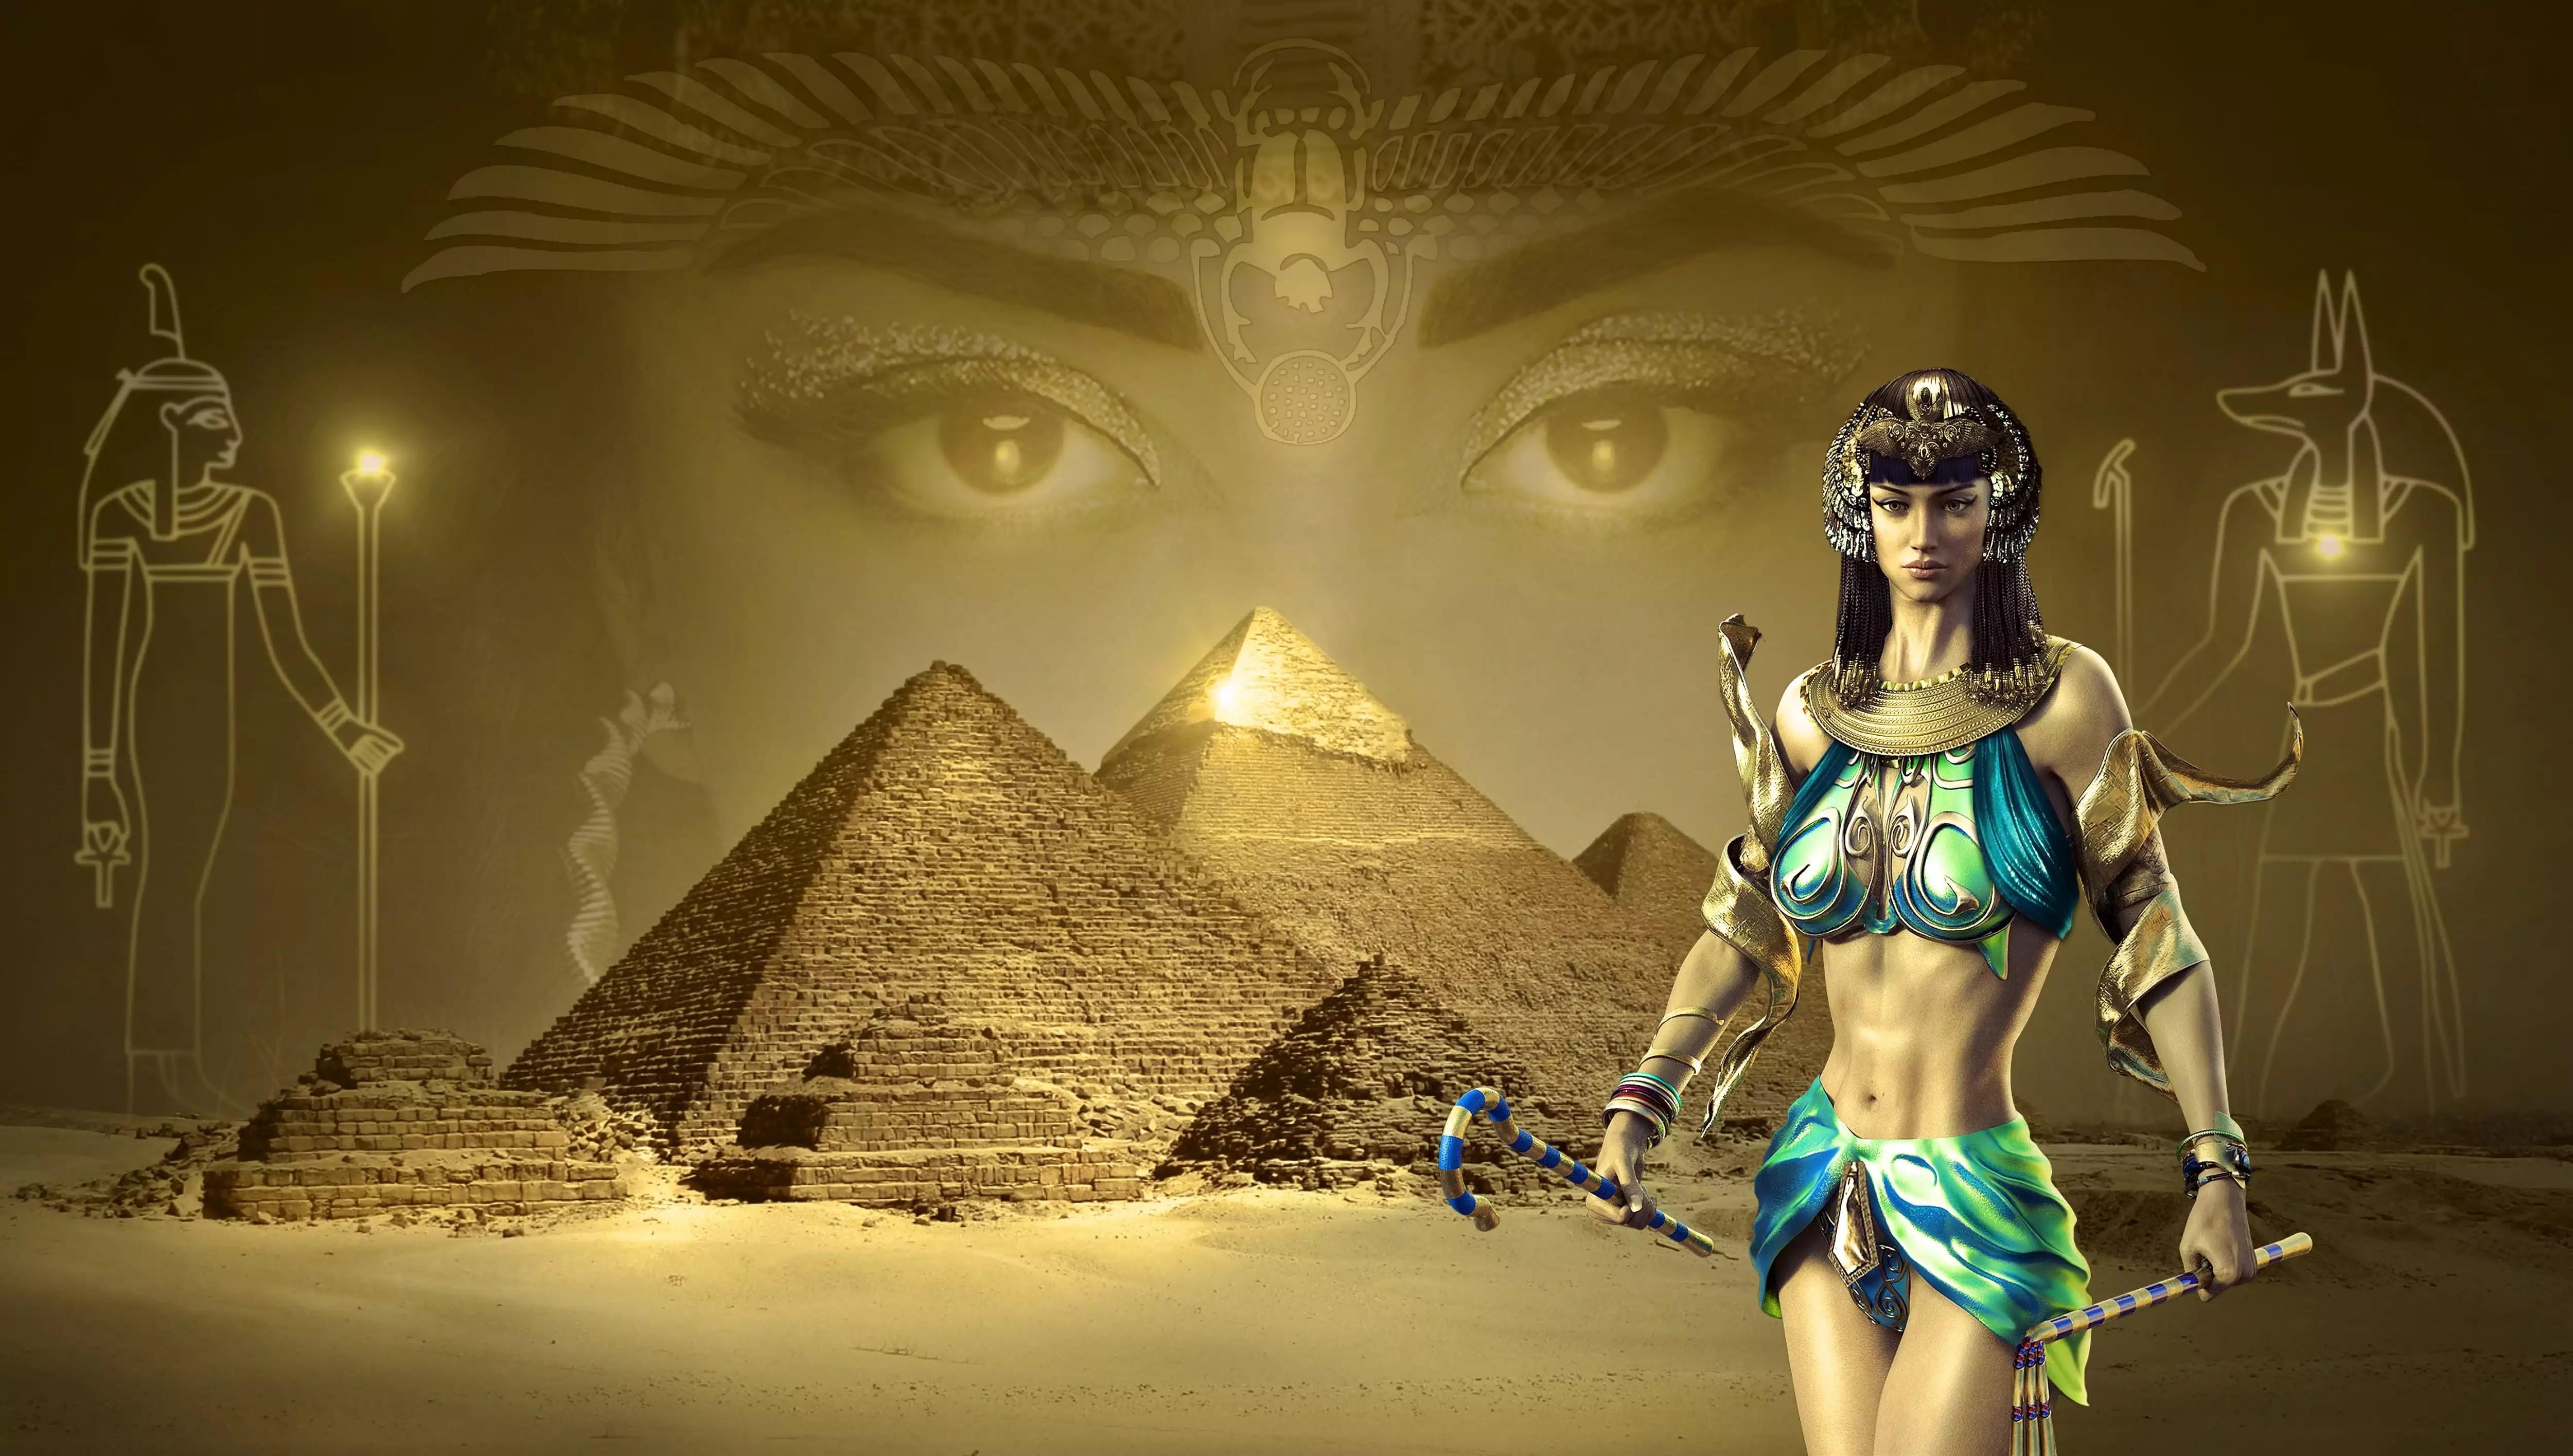 imágenes del dios egipcio anubis, significado de anubis, anubis y osiris